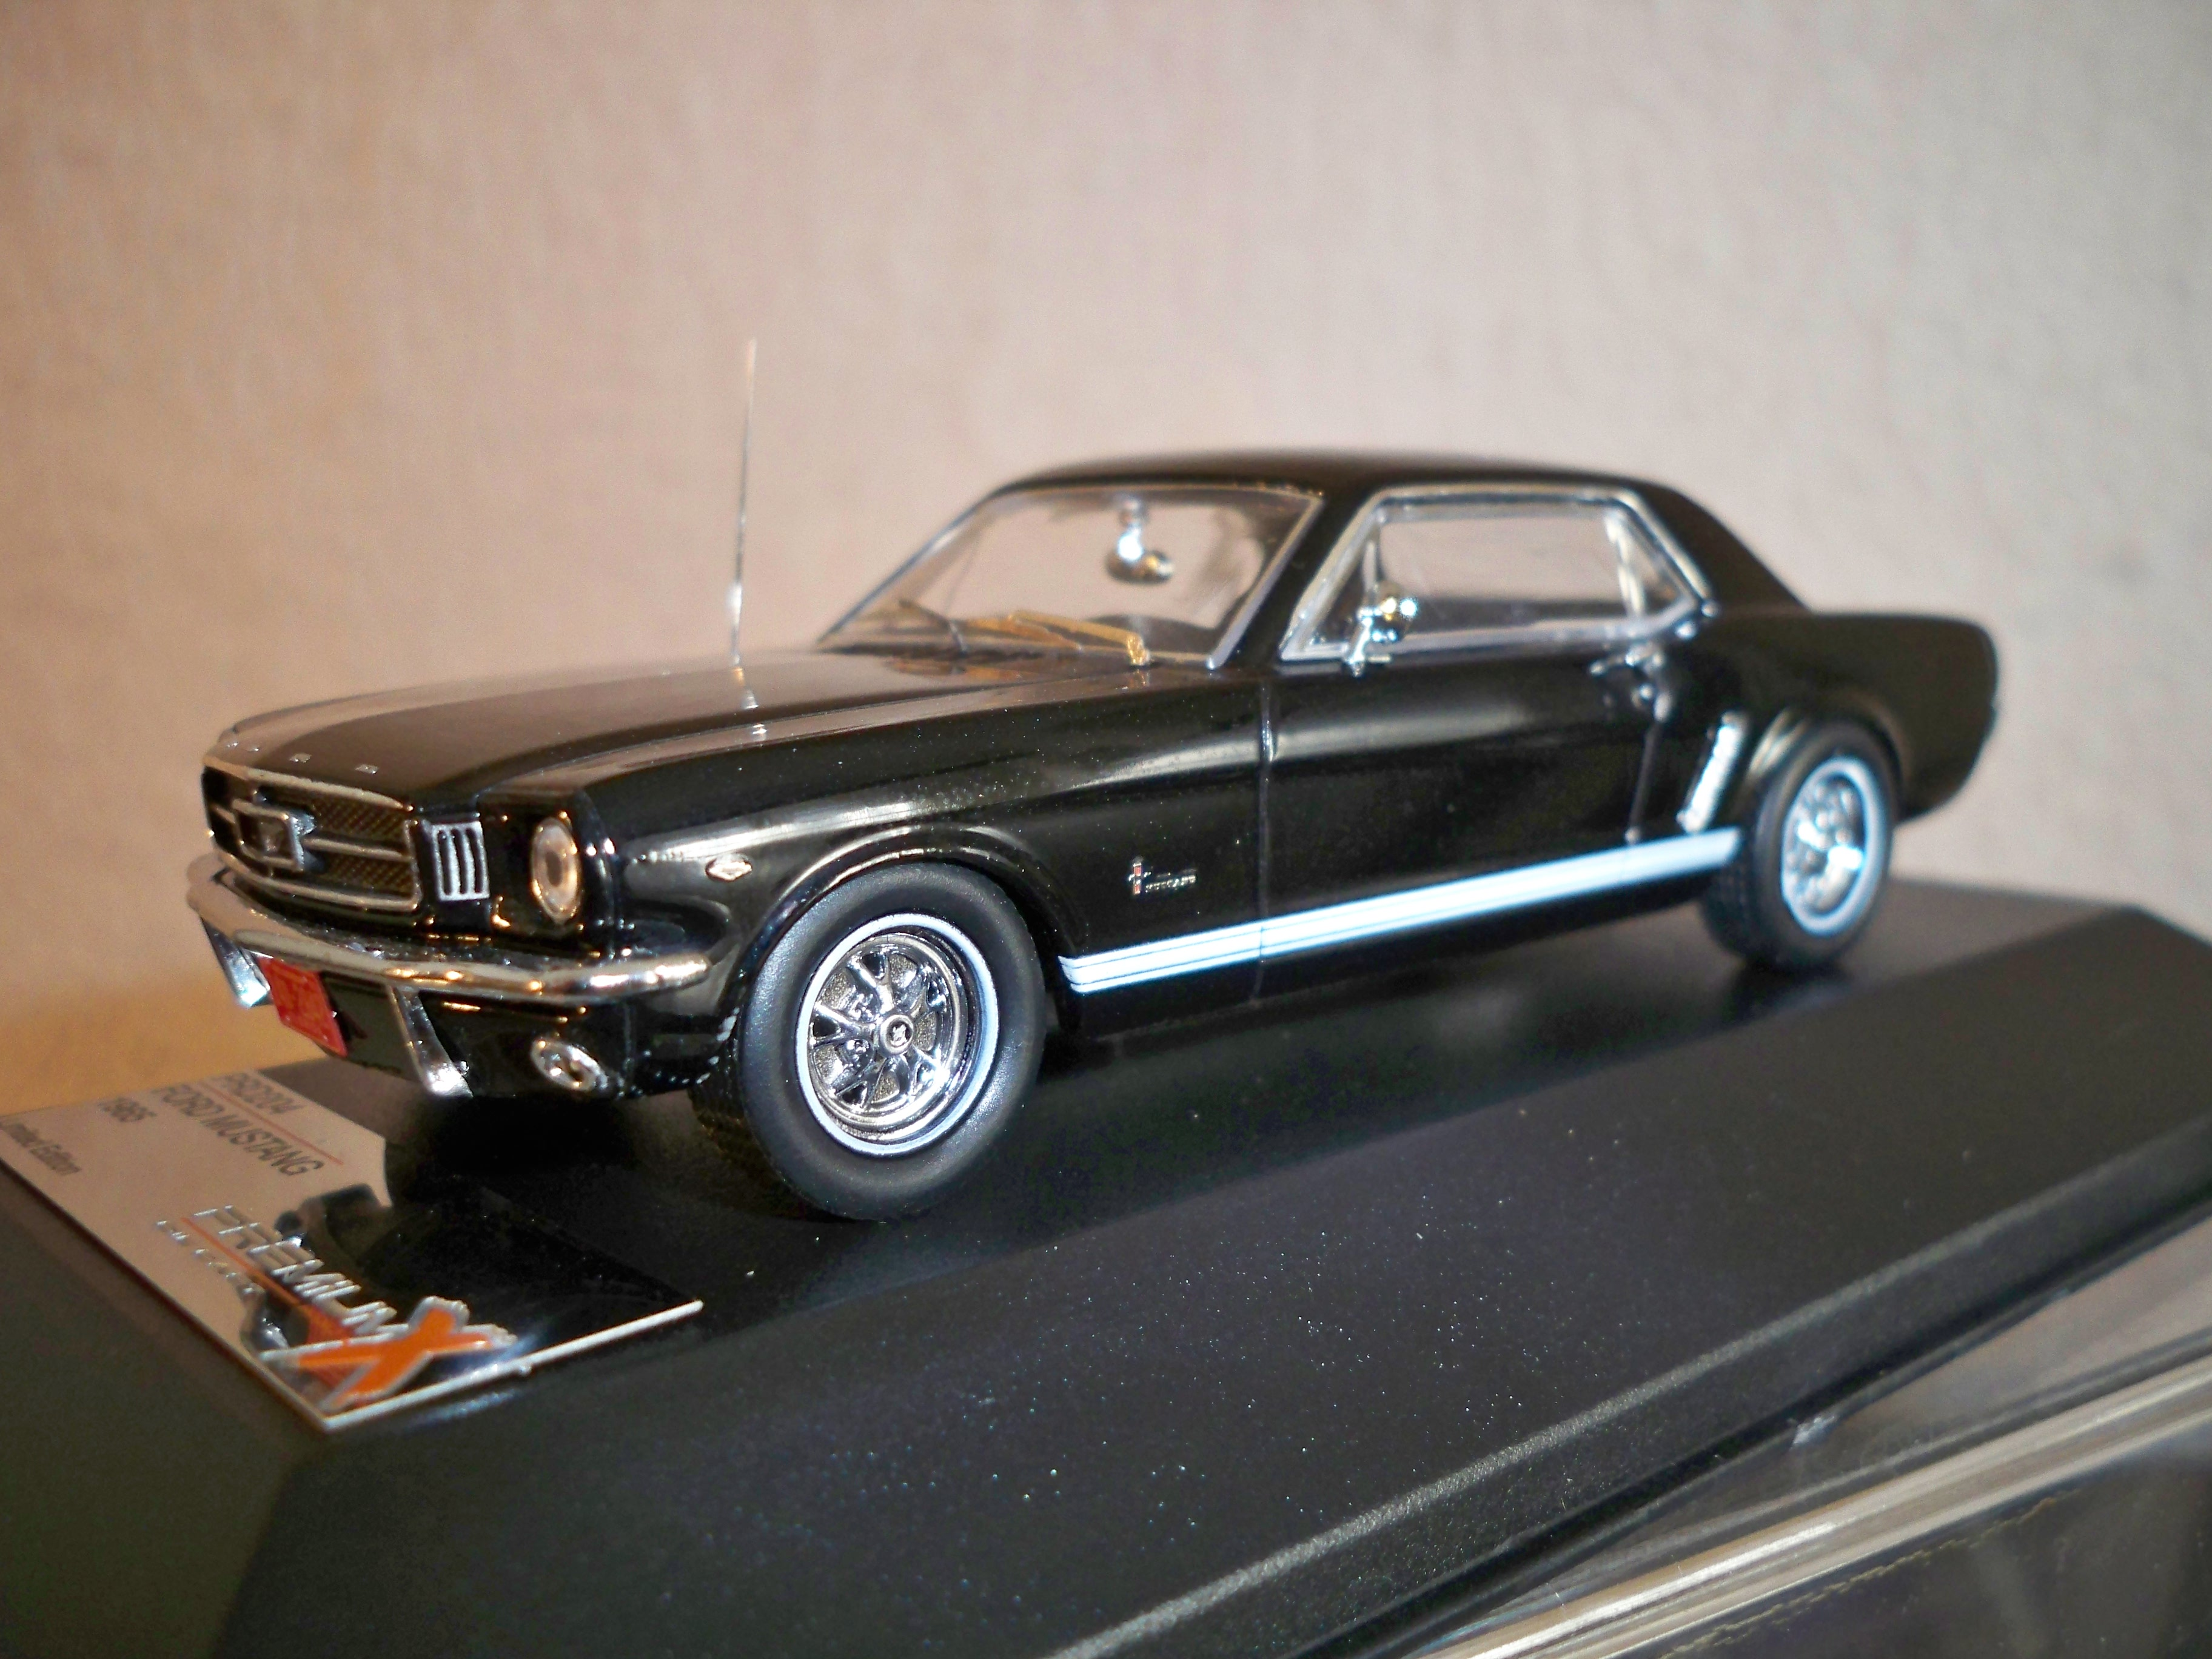 1964 ford mustang model cars hobbydb. Black Bedroom Furniture Sets. Home Design Ideas